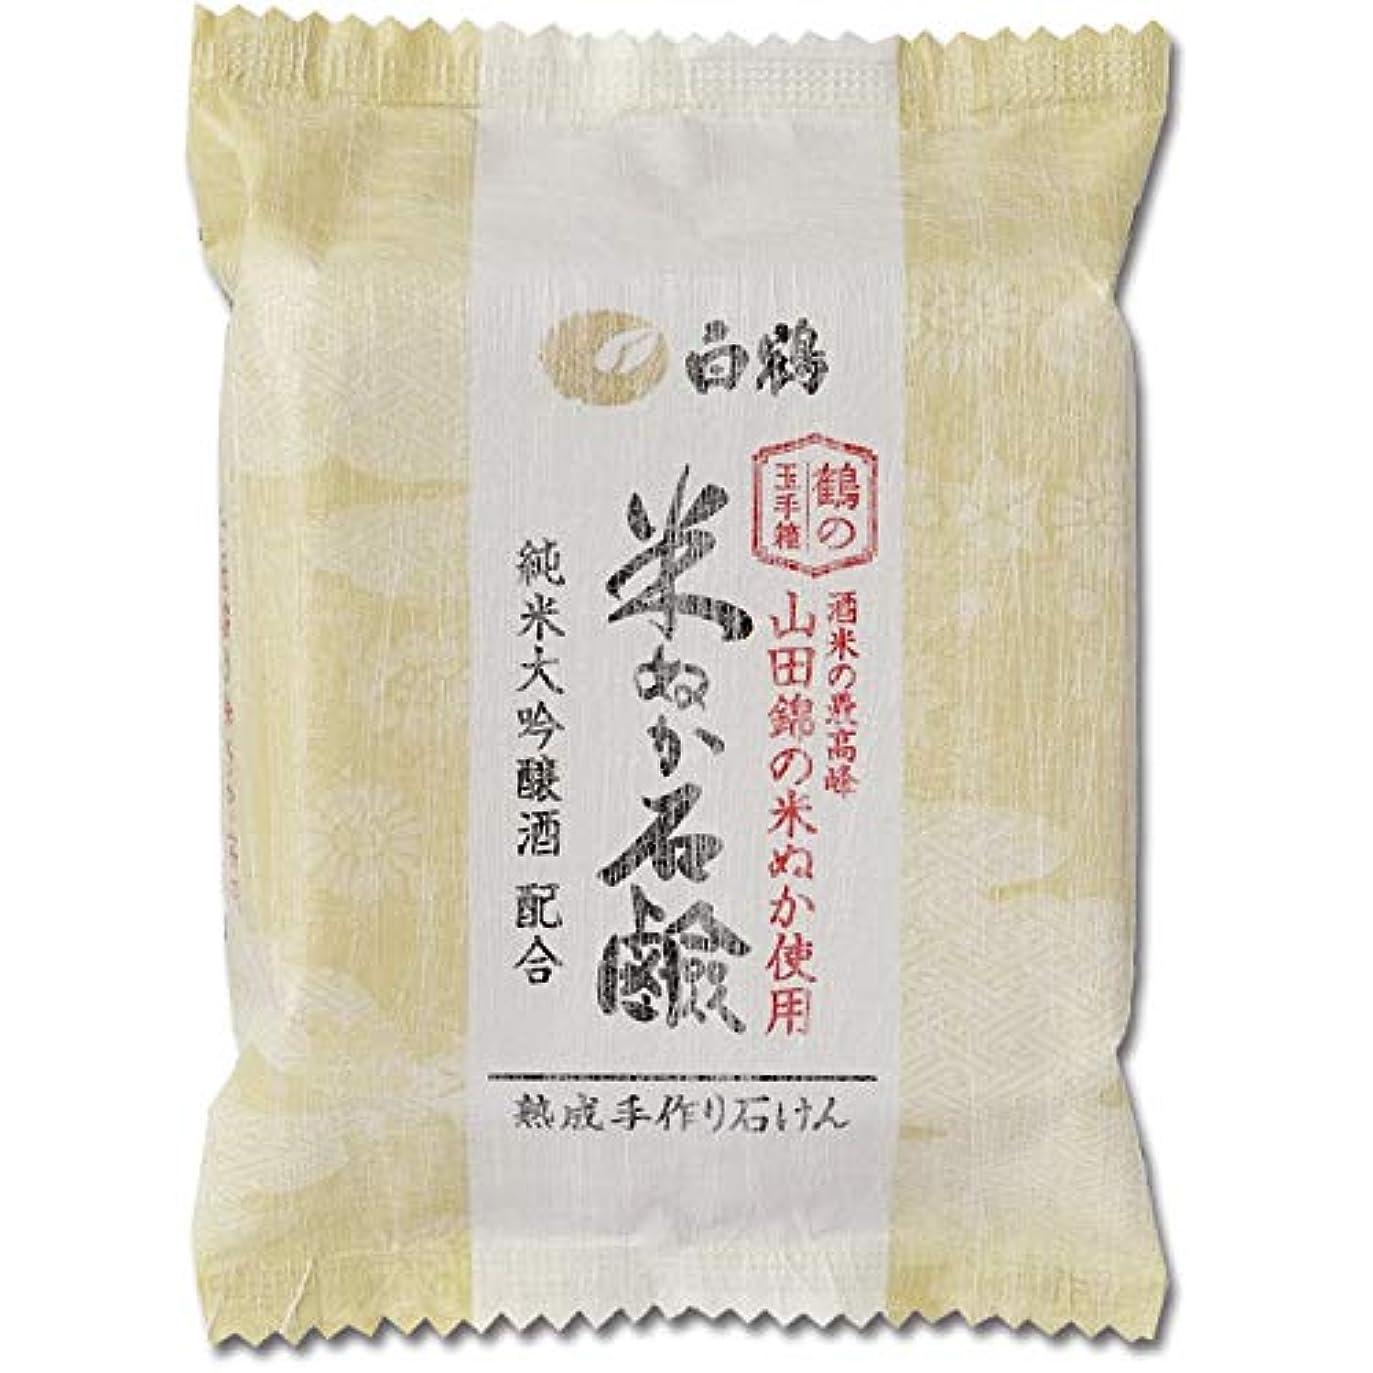 ソフトウェア幻影やむを得ない白鶴 鶴の玉手箱 米ぬか石けん 100g (全身用石鹸)